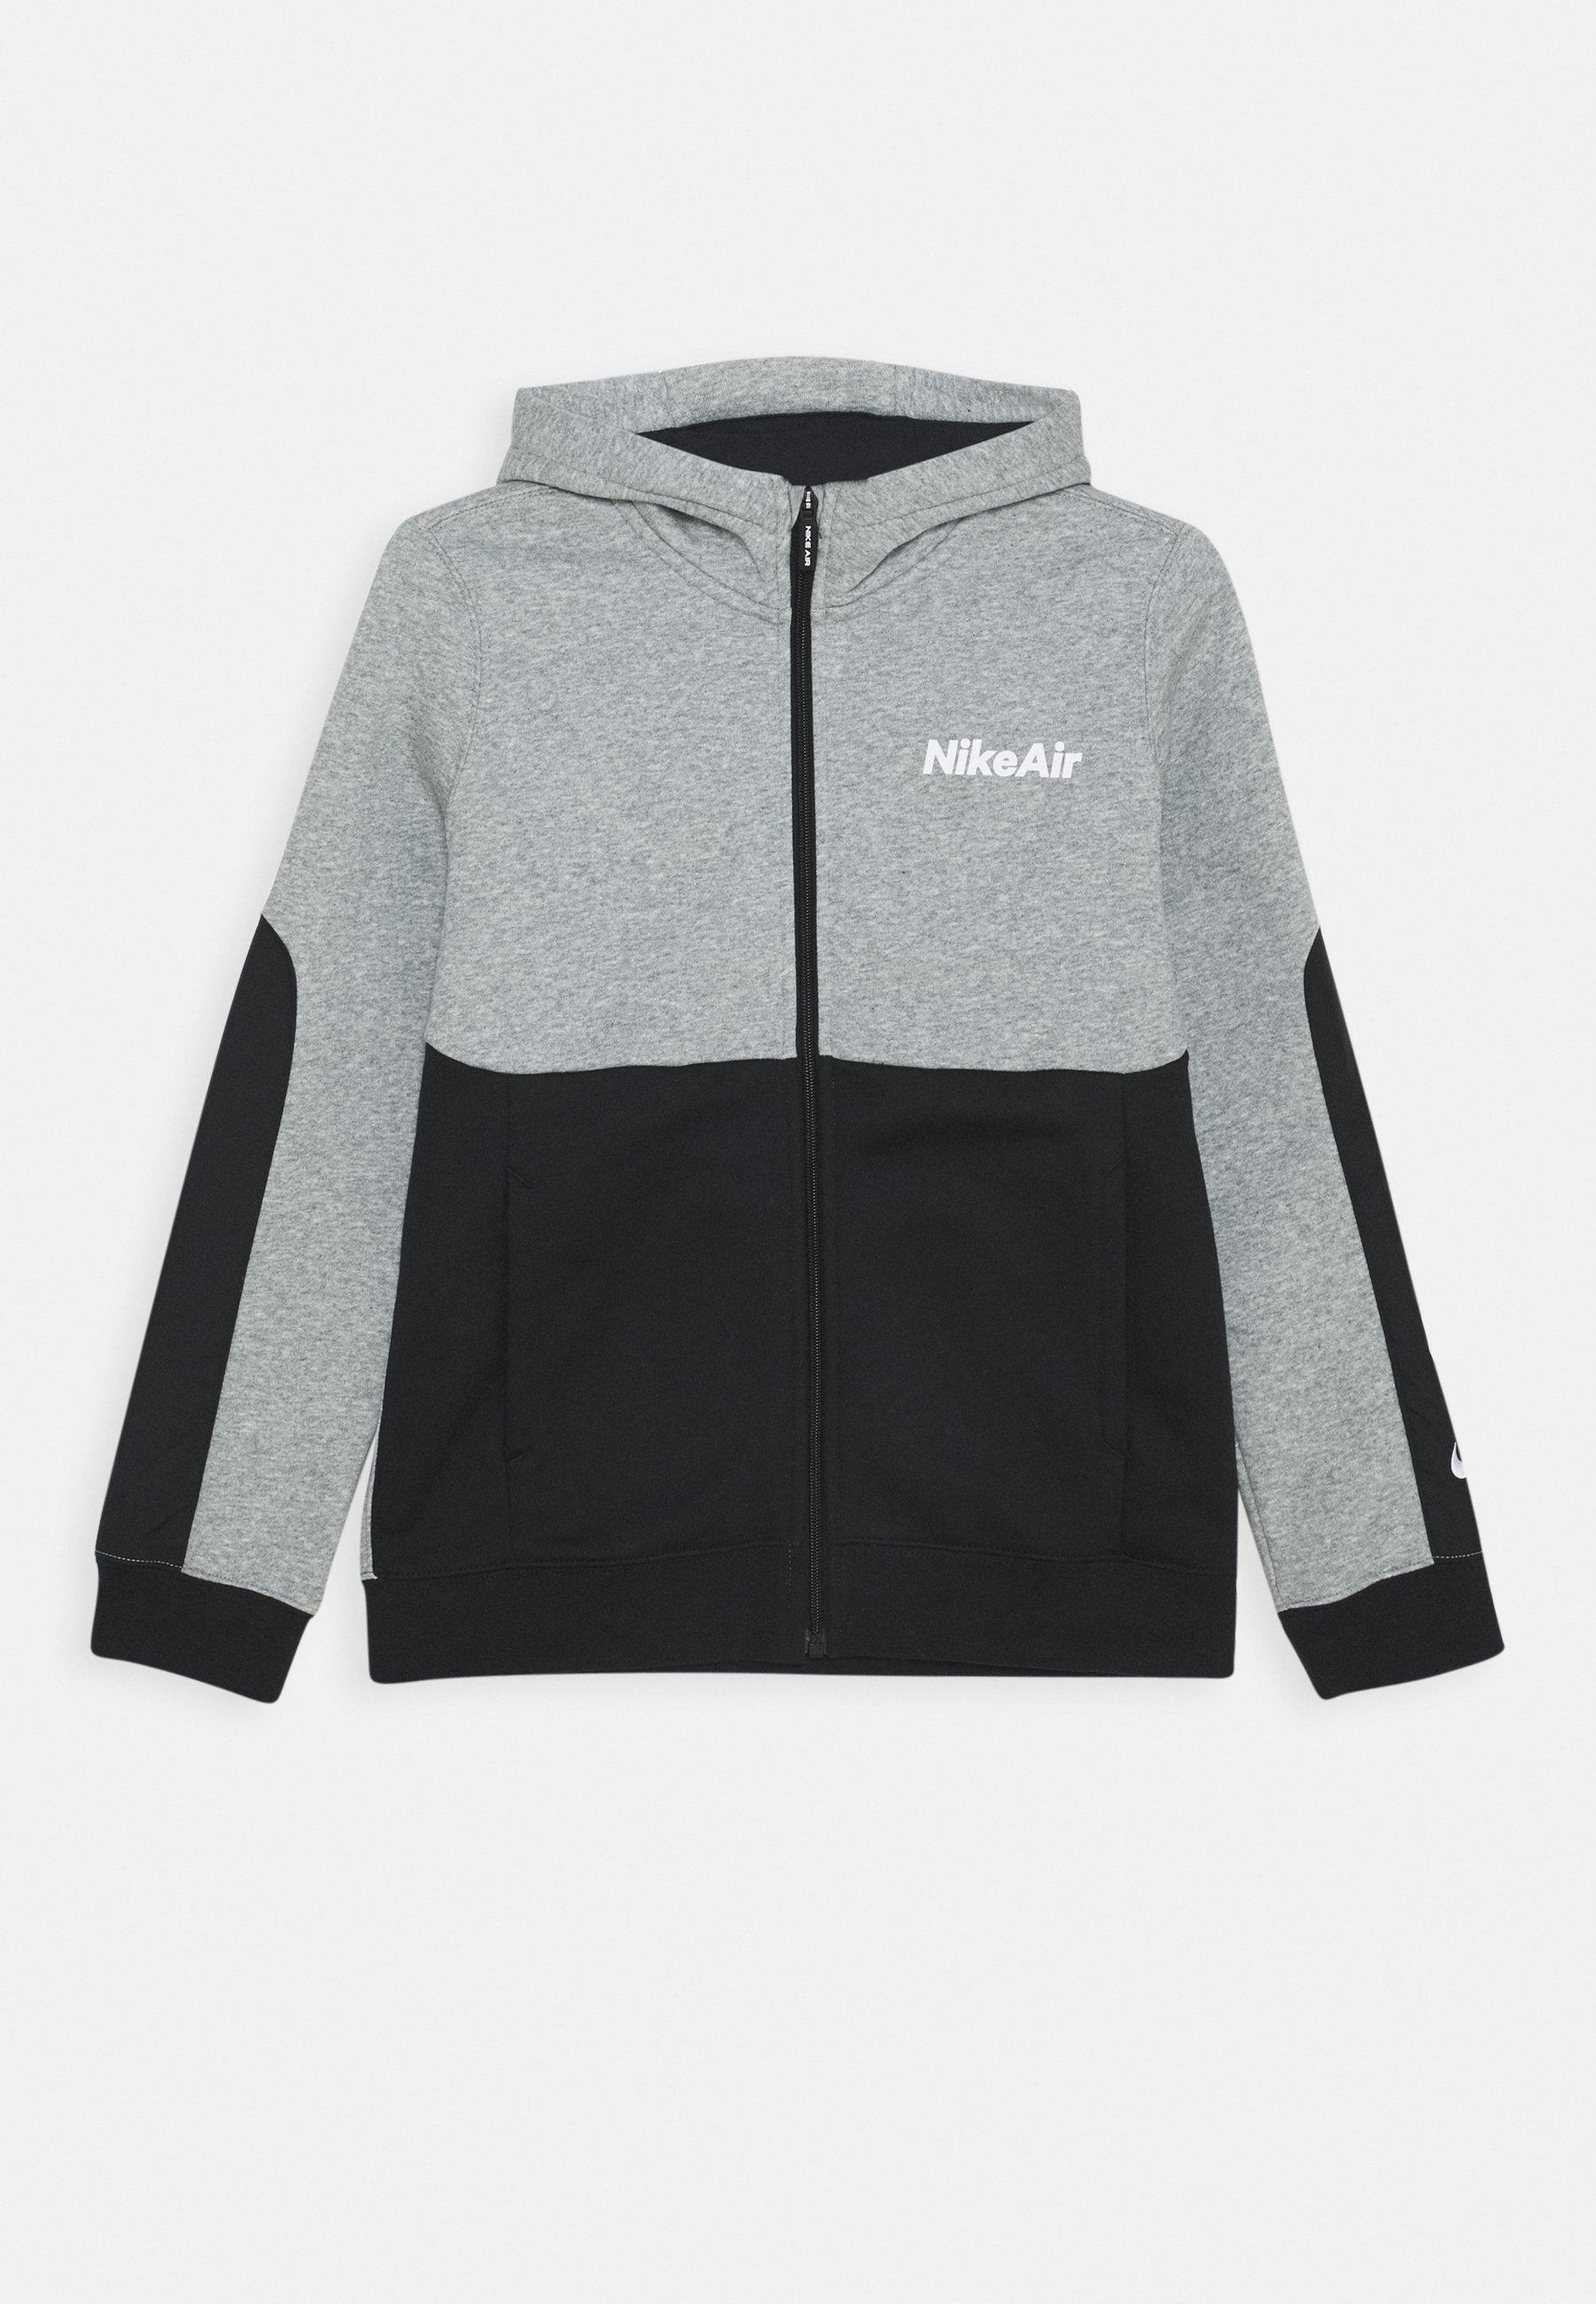 Nike Barnkläder online | Köp barnkläder online på Zalando.se